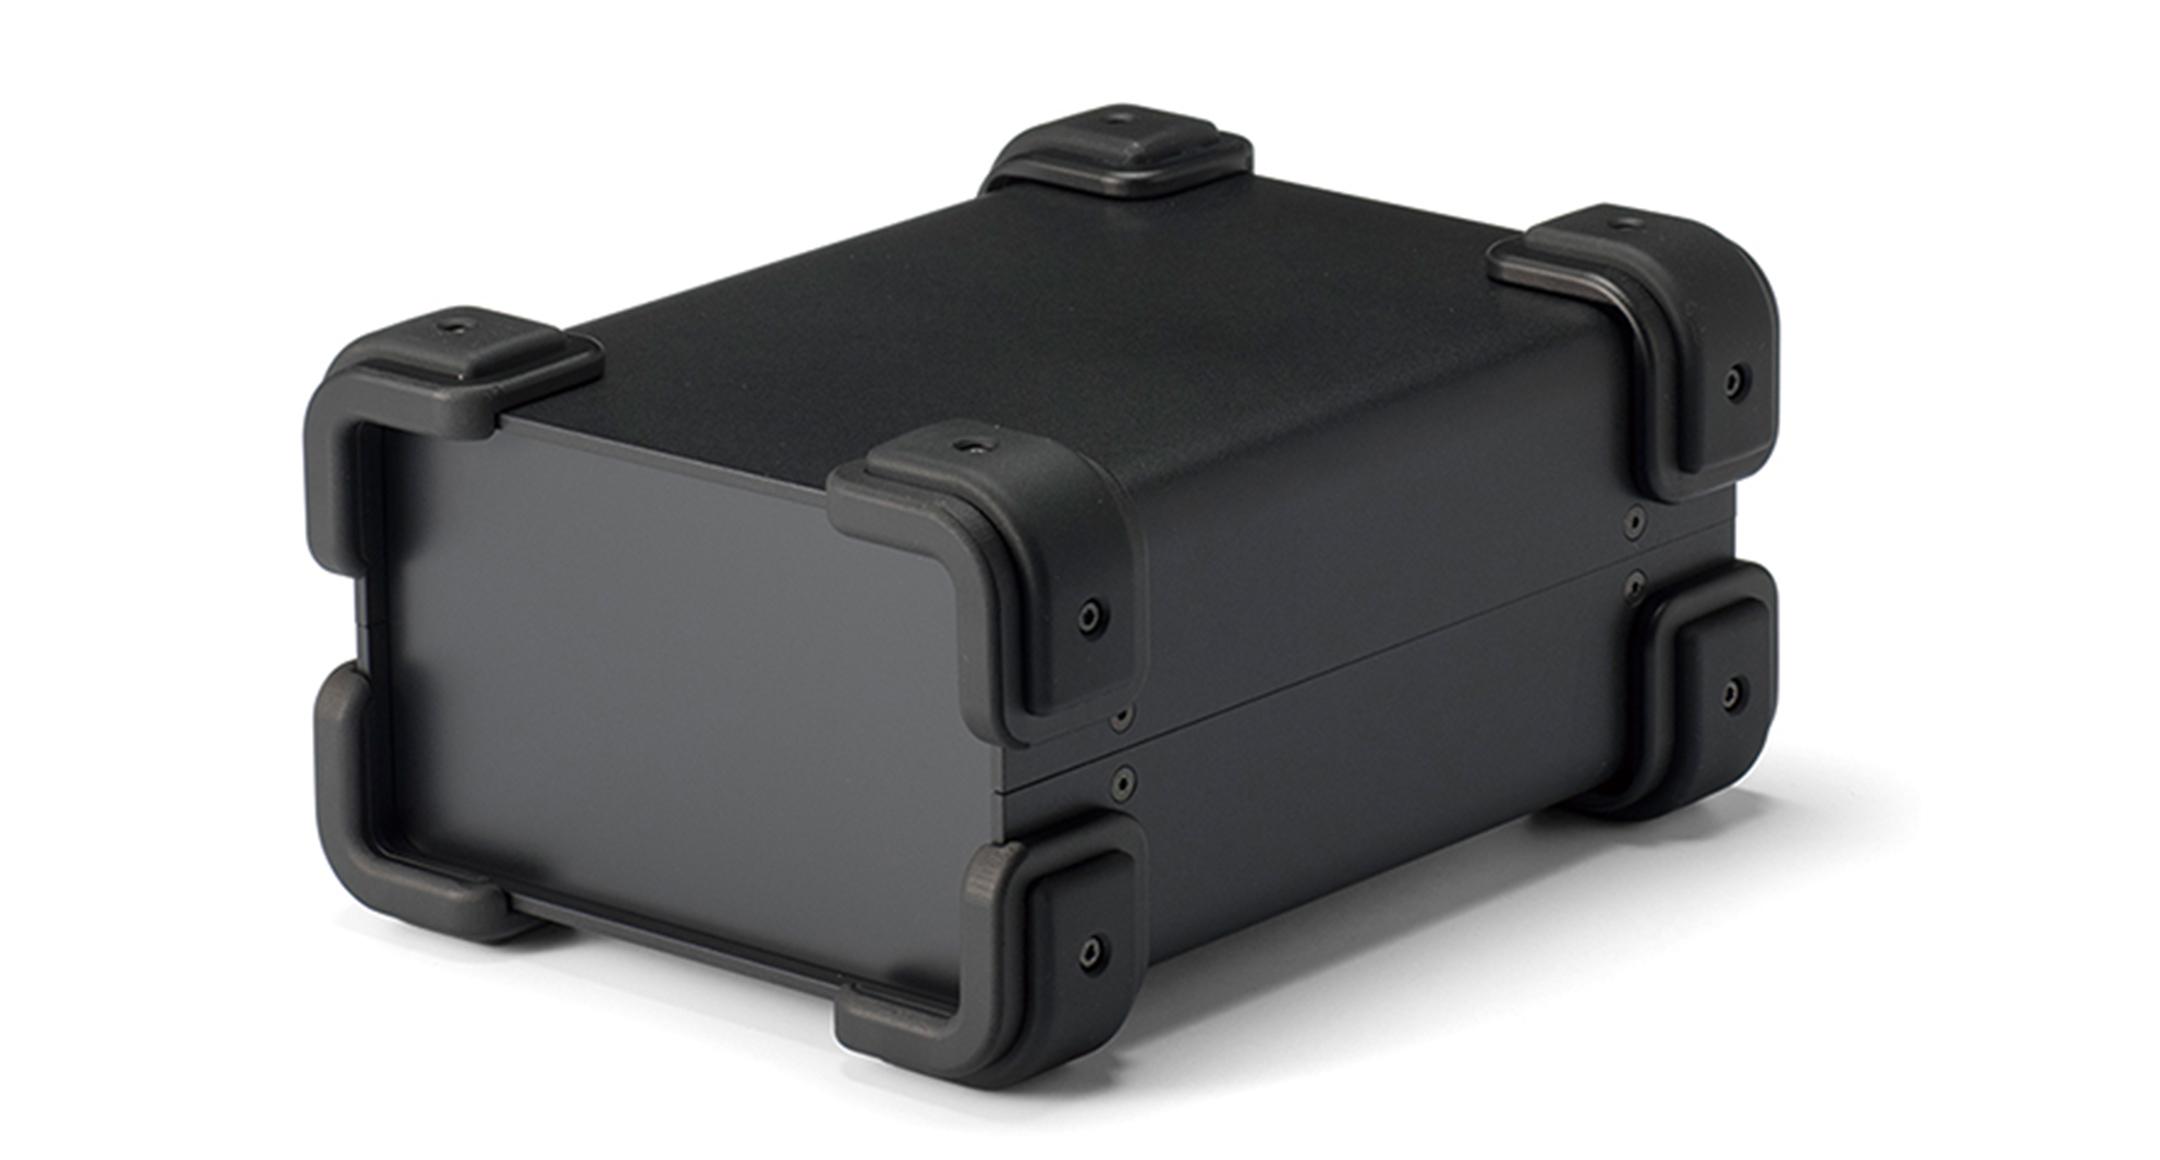 コーナーガード付アルミケース UCGシリーズ:ブラック/ブラックの画像